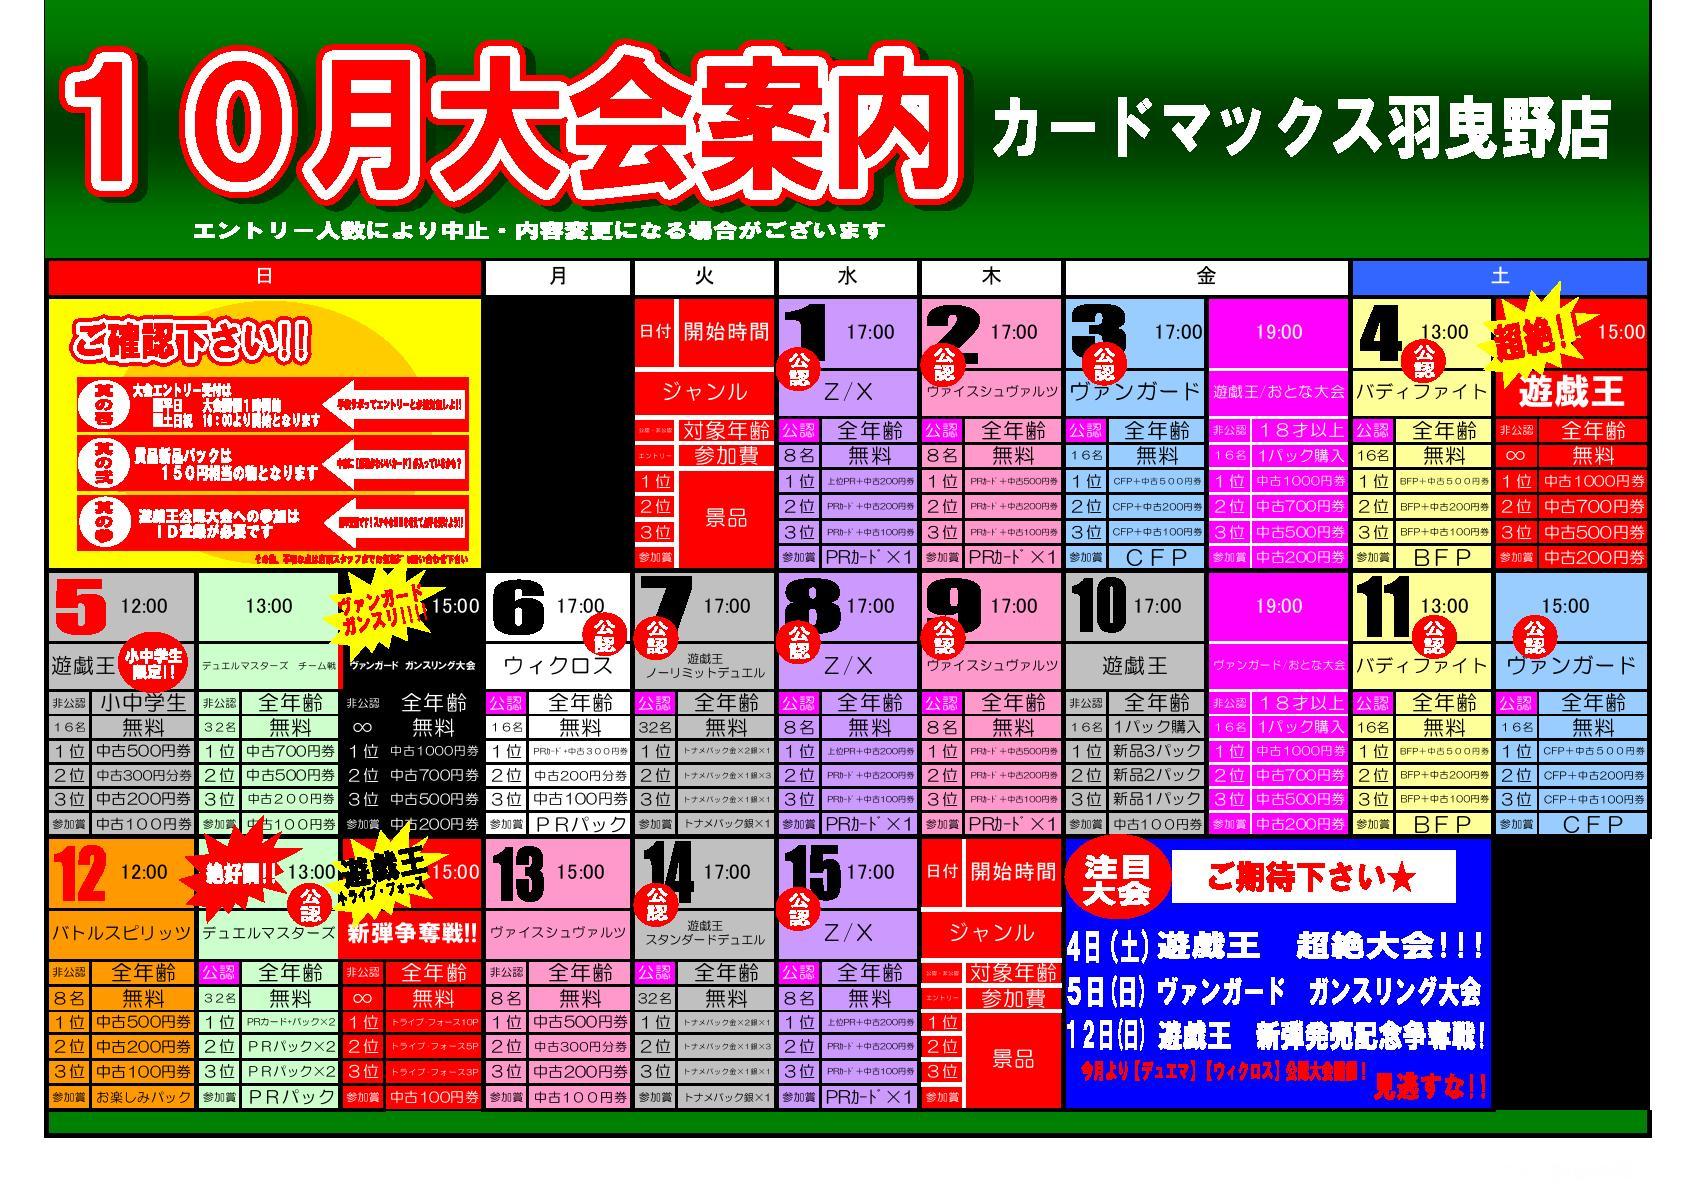 【羽曳野店】10月前半大会情報_d0259027_14241021.jpg